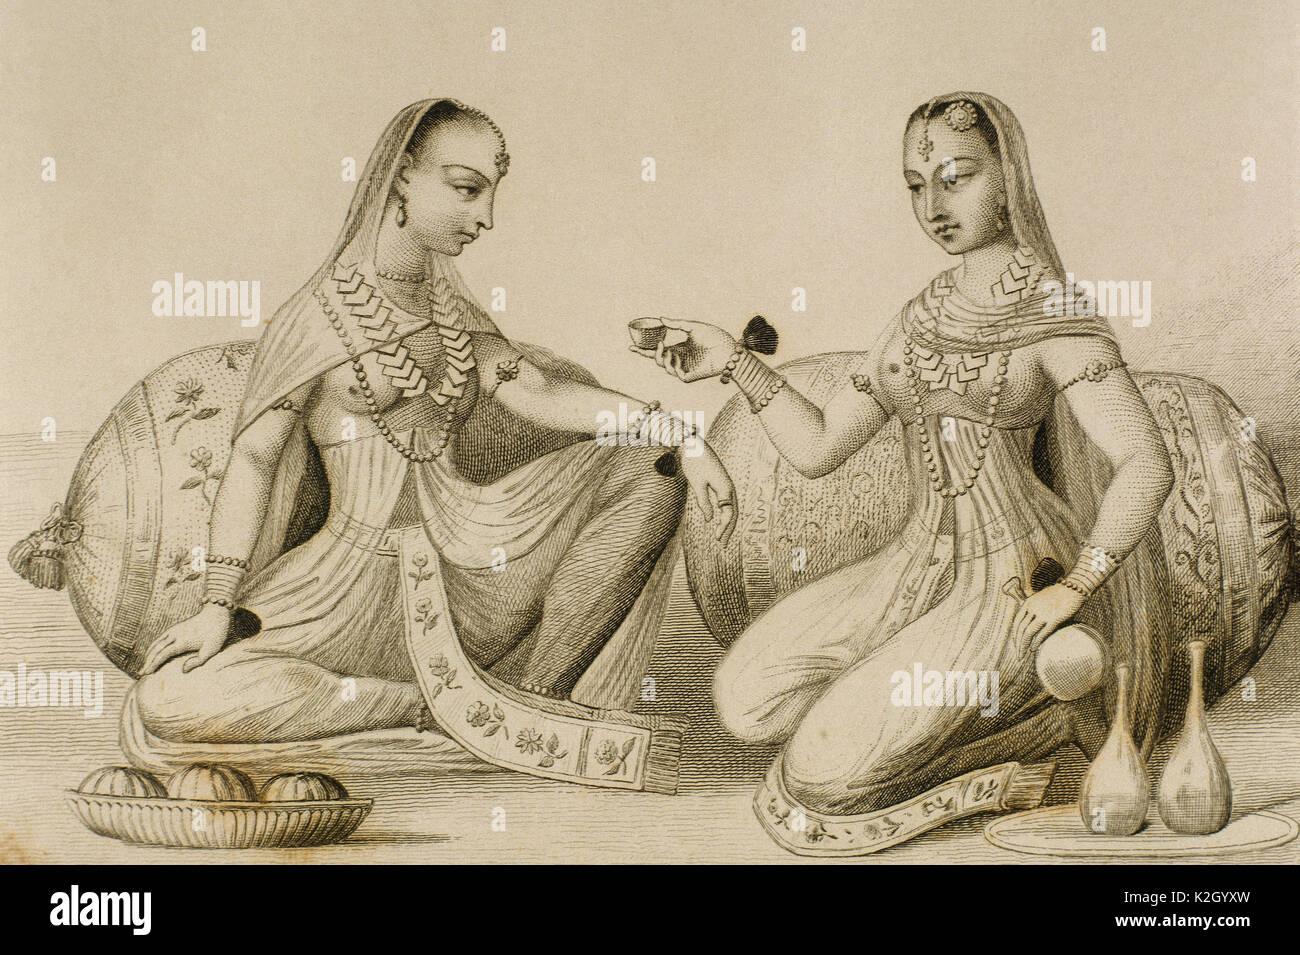 Women of Hindustan. Engraving.'PanoramaUniversal, India', 1845. - Stock Image